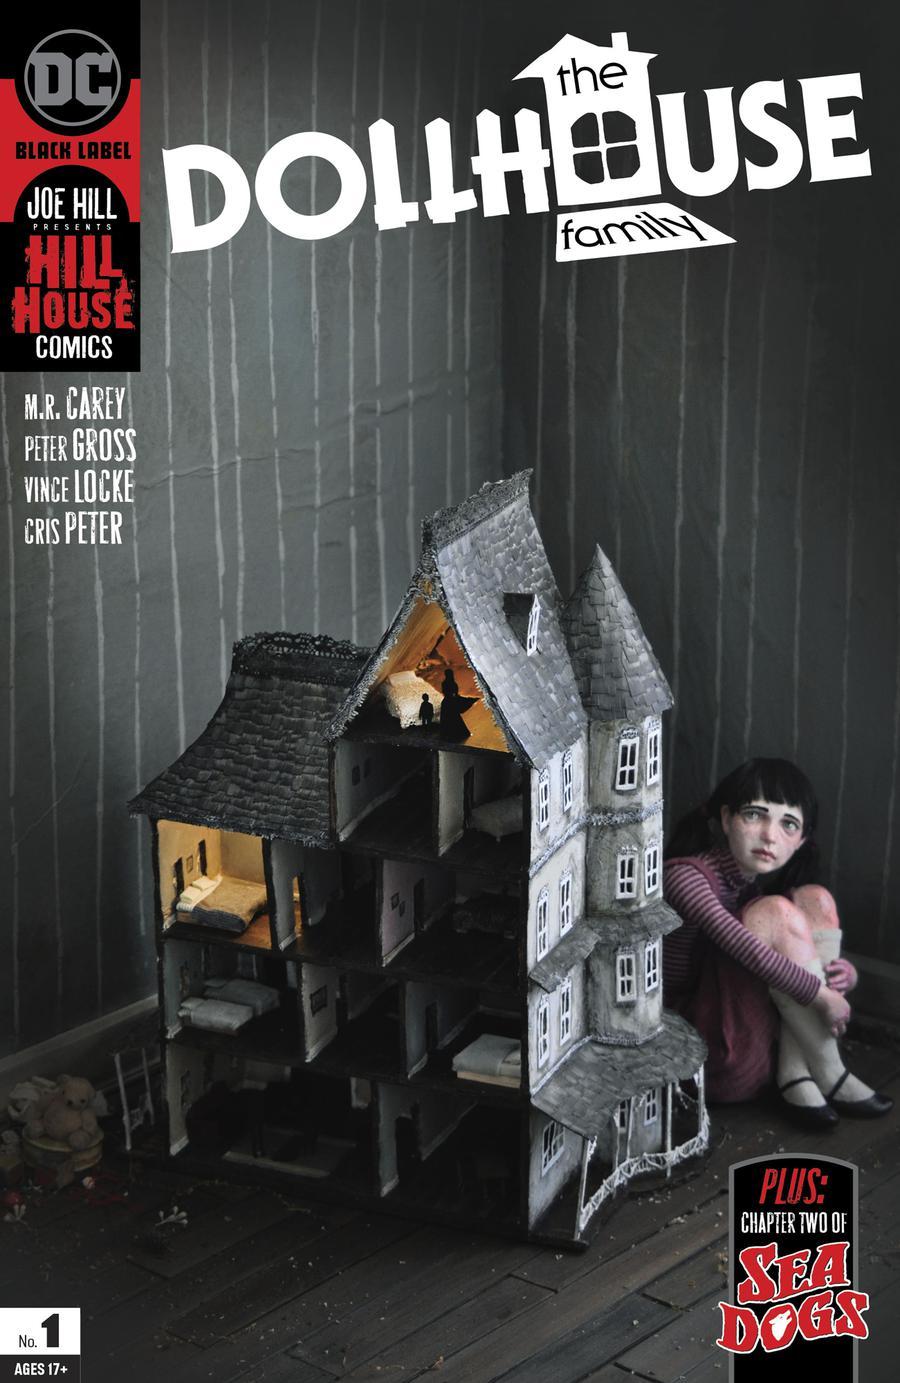 Dollhouse Family #1 Cover A Regular Jessica Dalva Cover